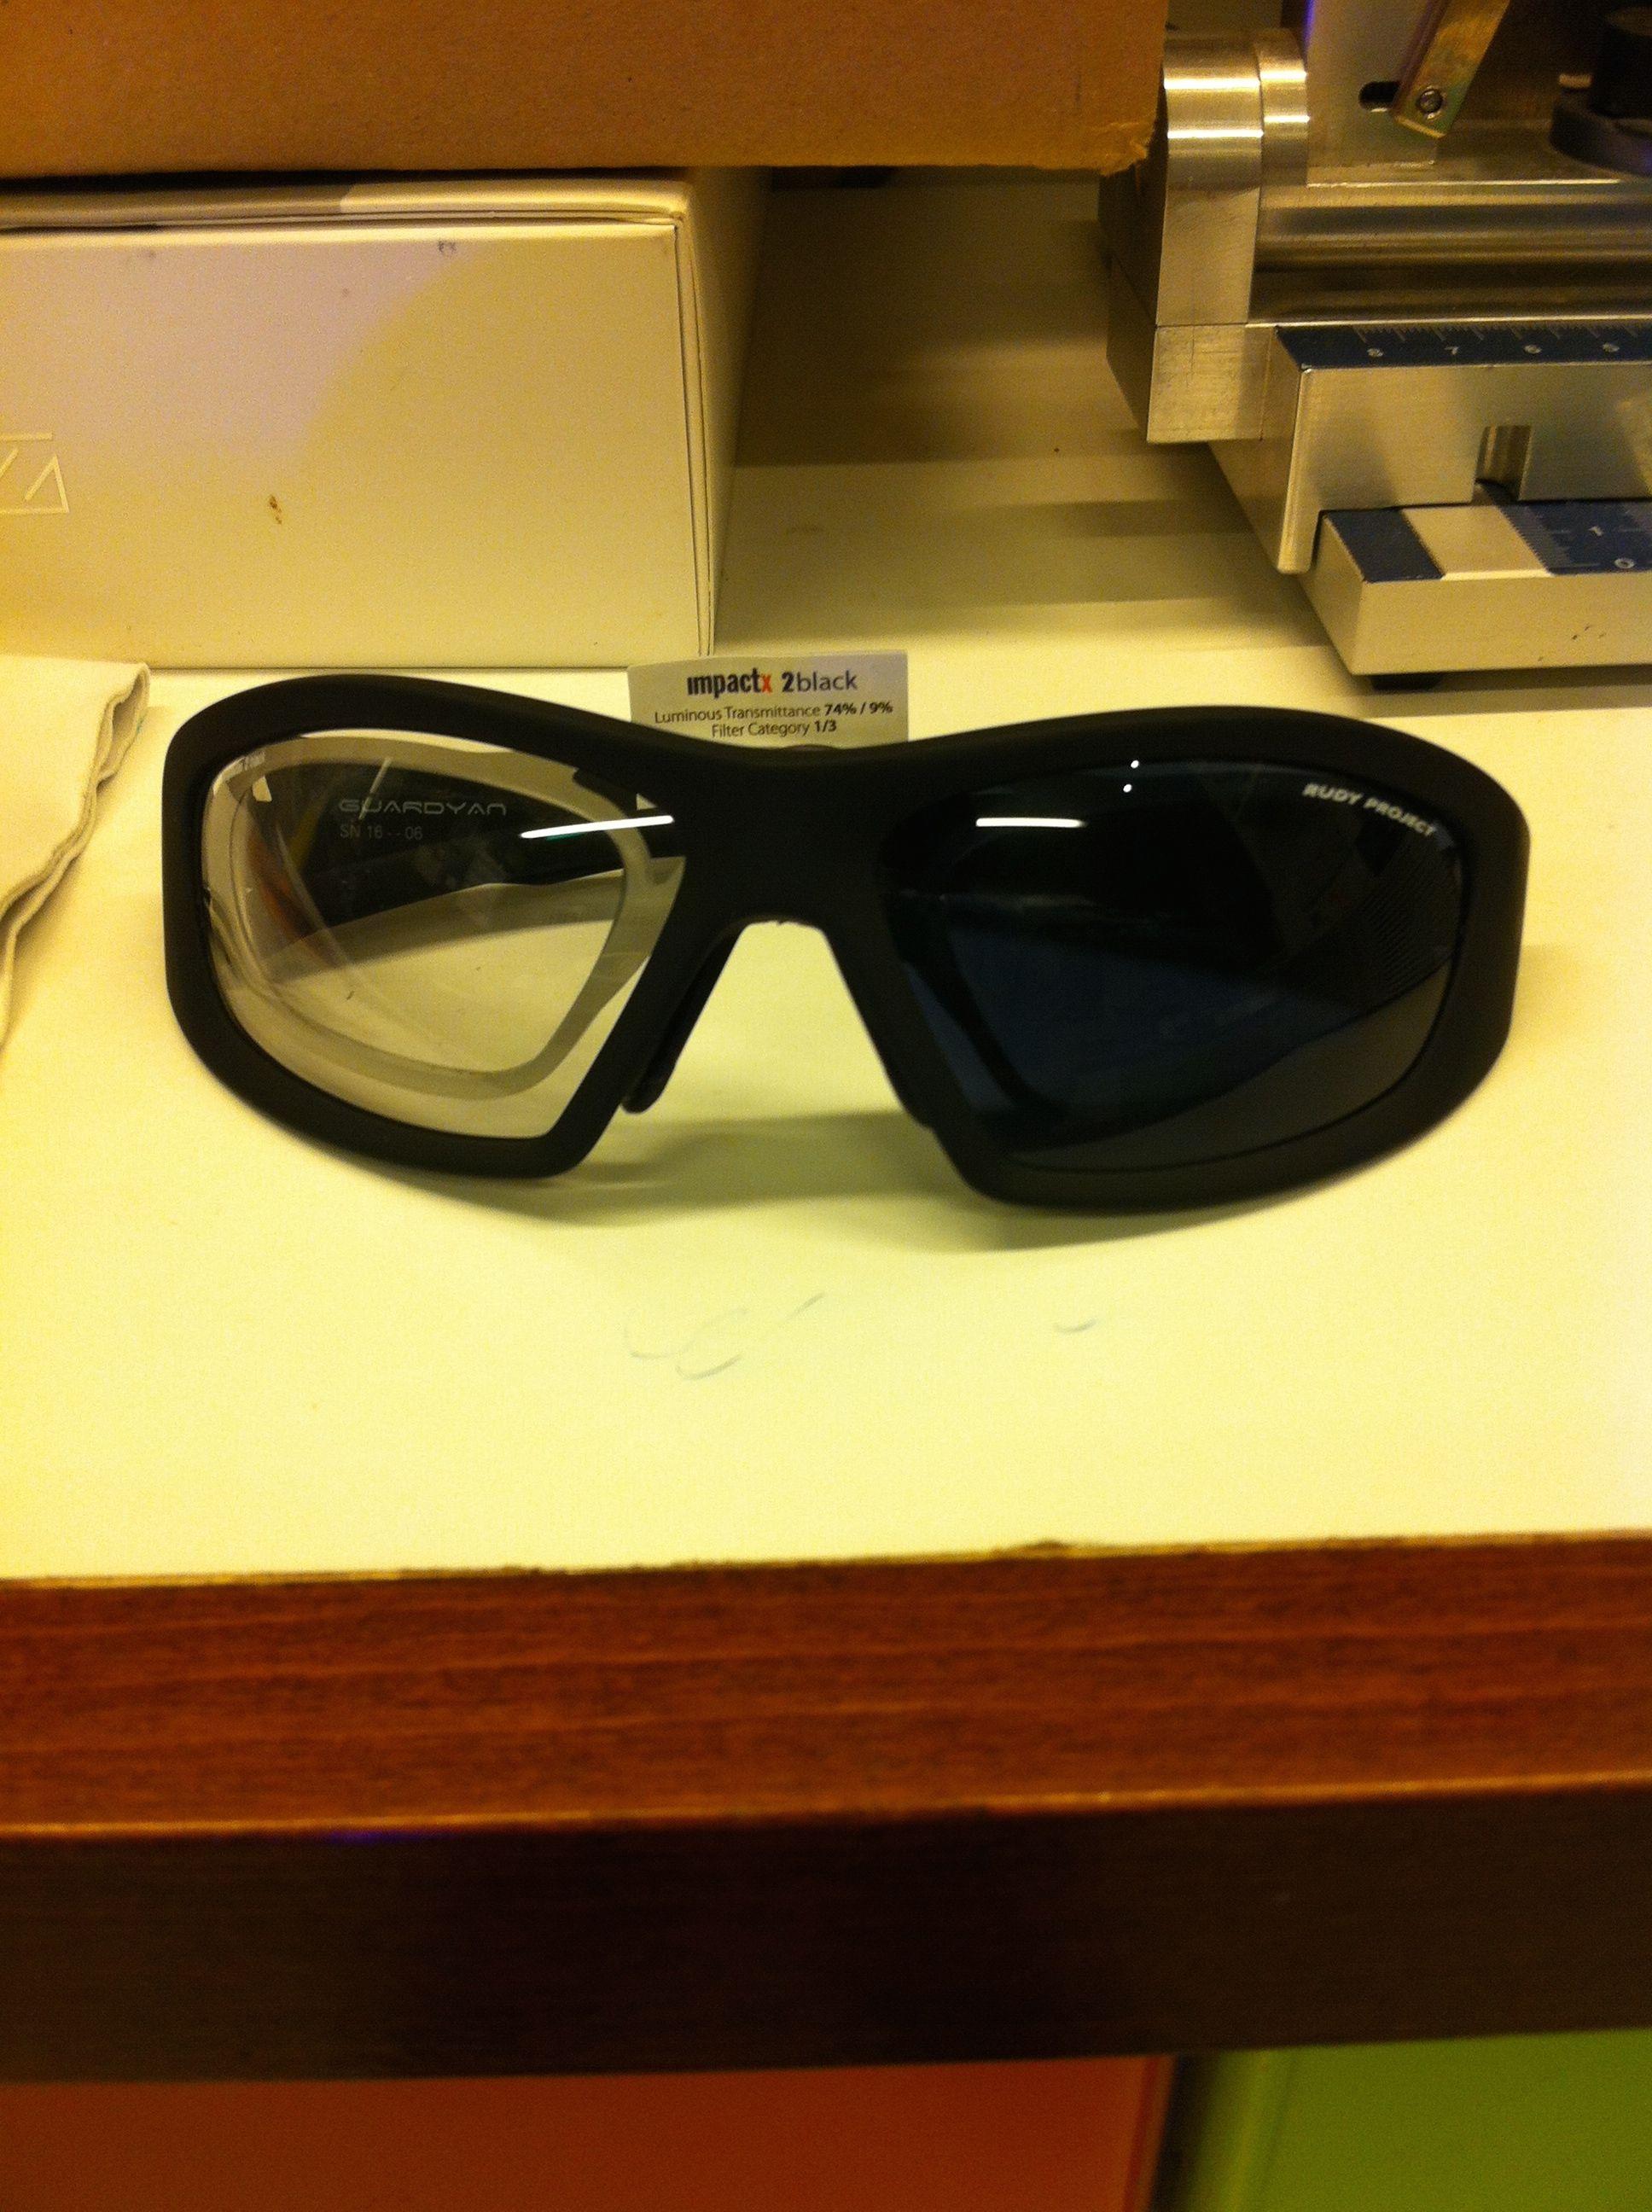 308613d04a Gafas graduadas rudy Project con clip Guardyan Outdoor Fotocromaticas